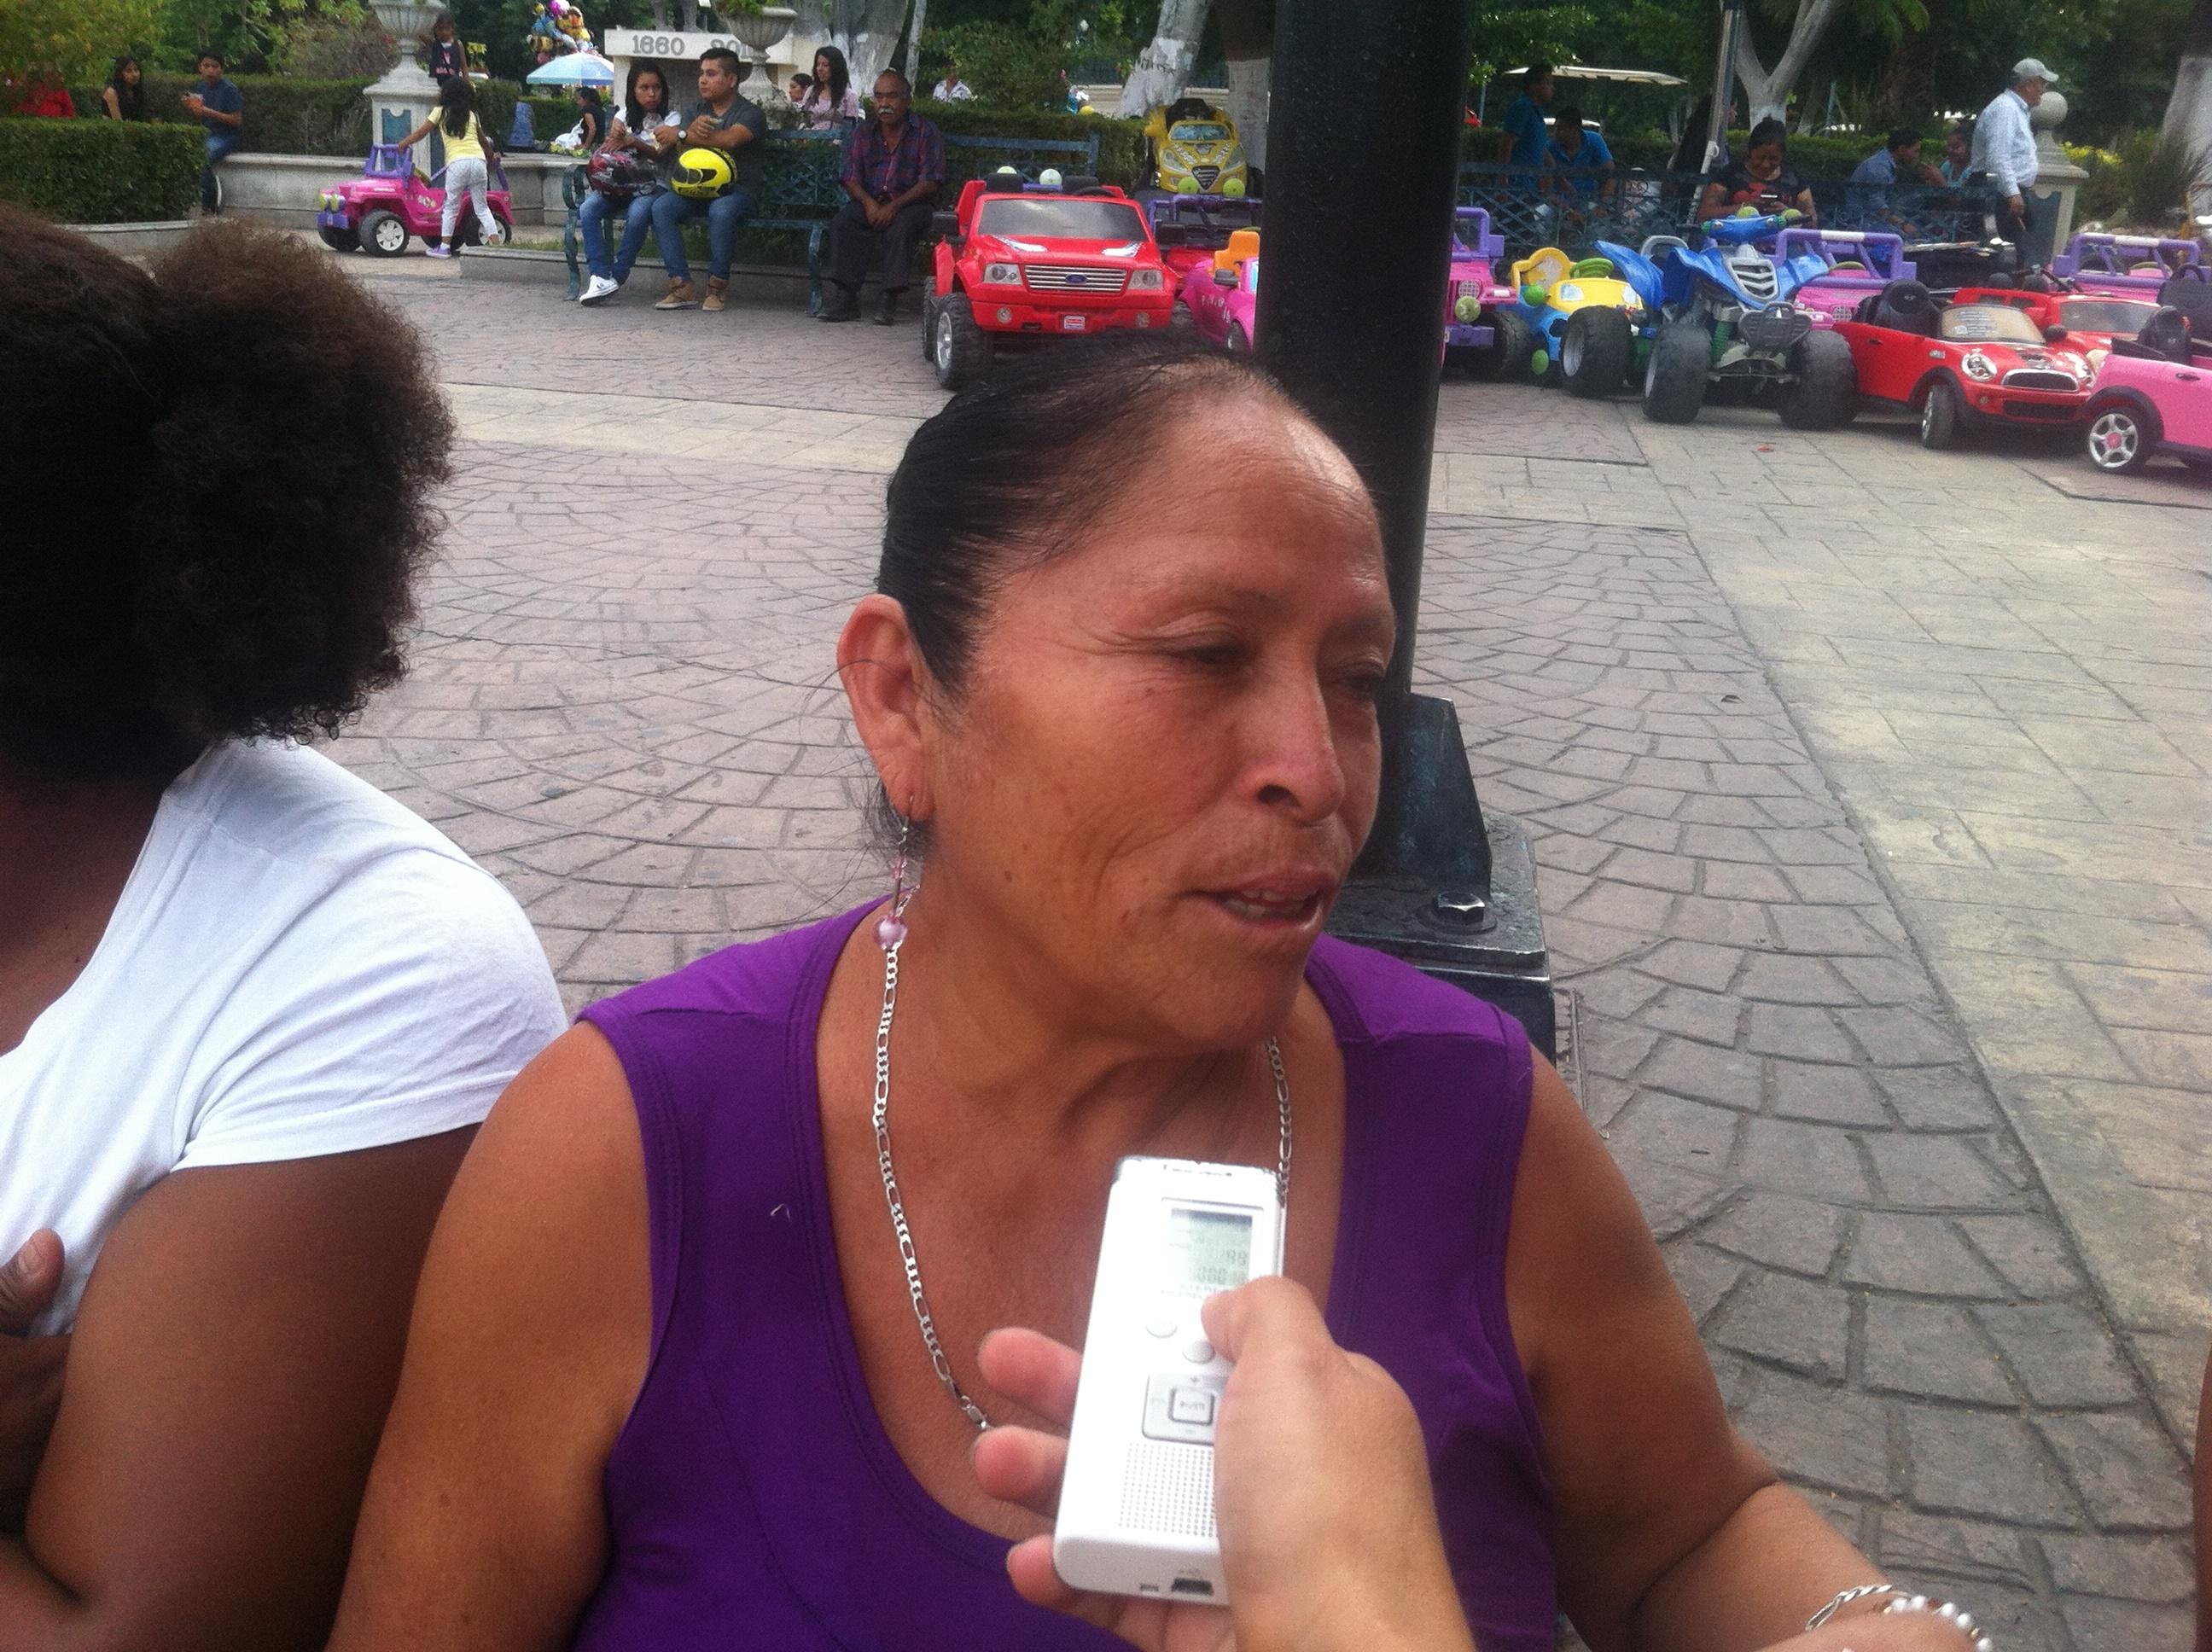 Margarito Andrade solo defiende a su familia, señalan en manifestación en su contra